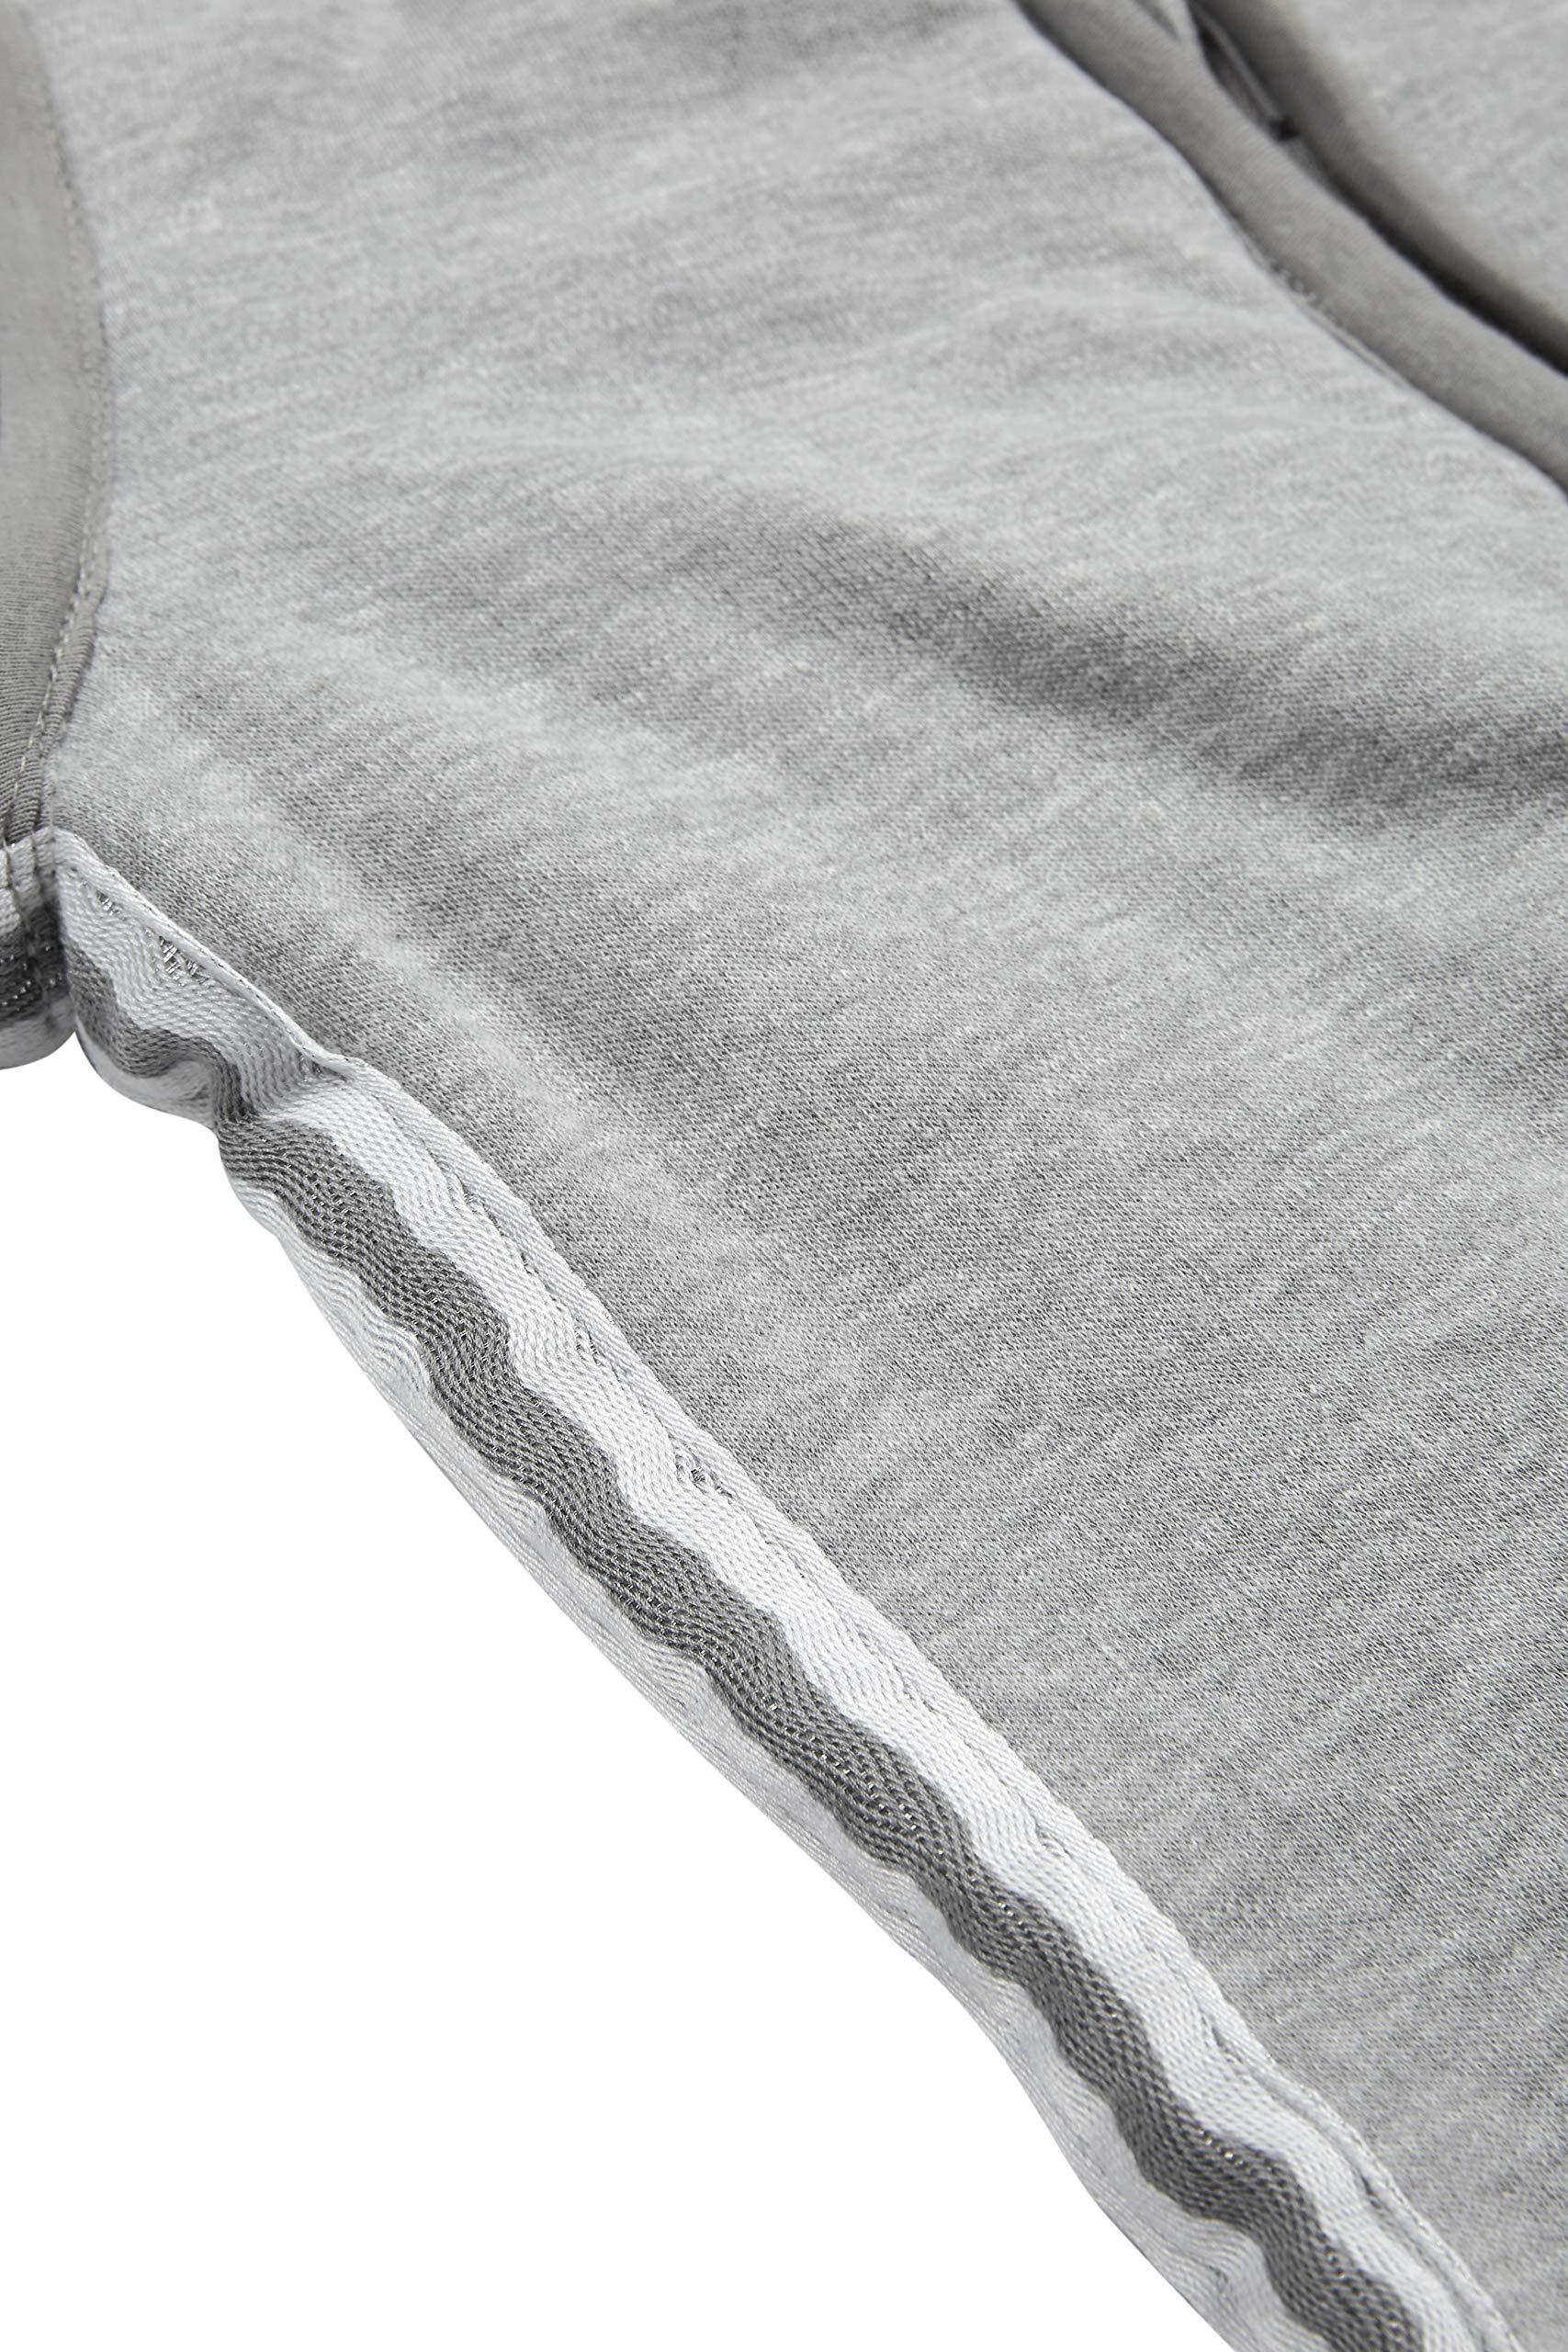 Meyco 514025Saco de dormir de invierno 90cm, Gris con Lurex ribete gris